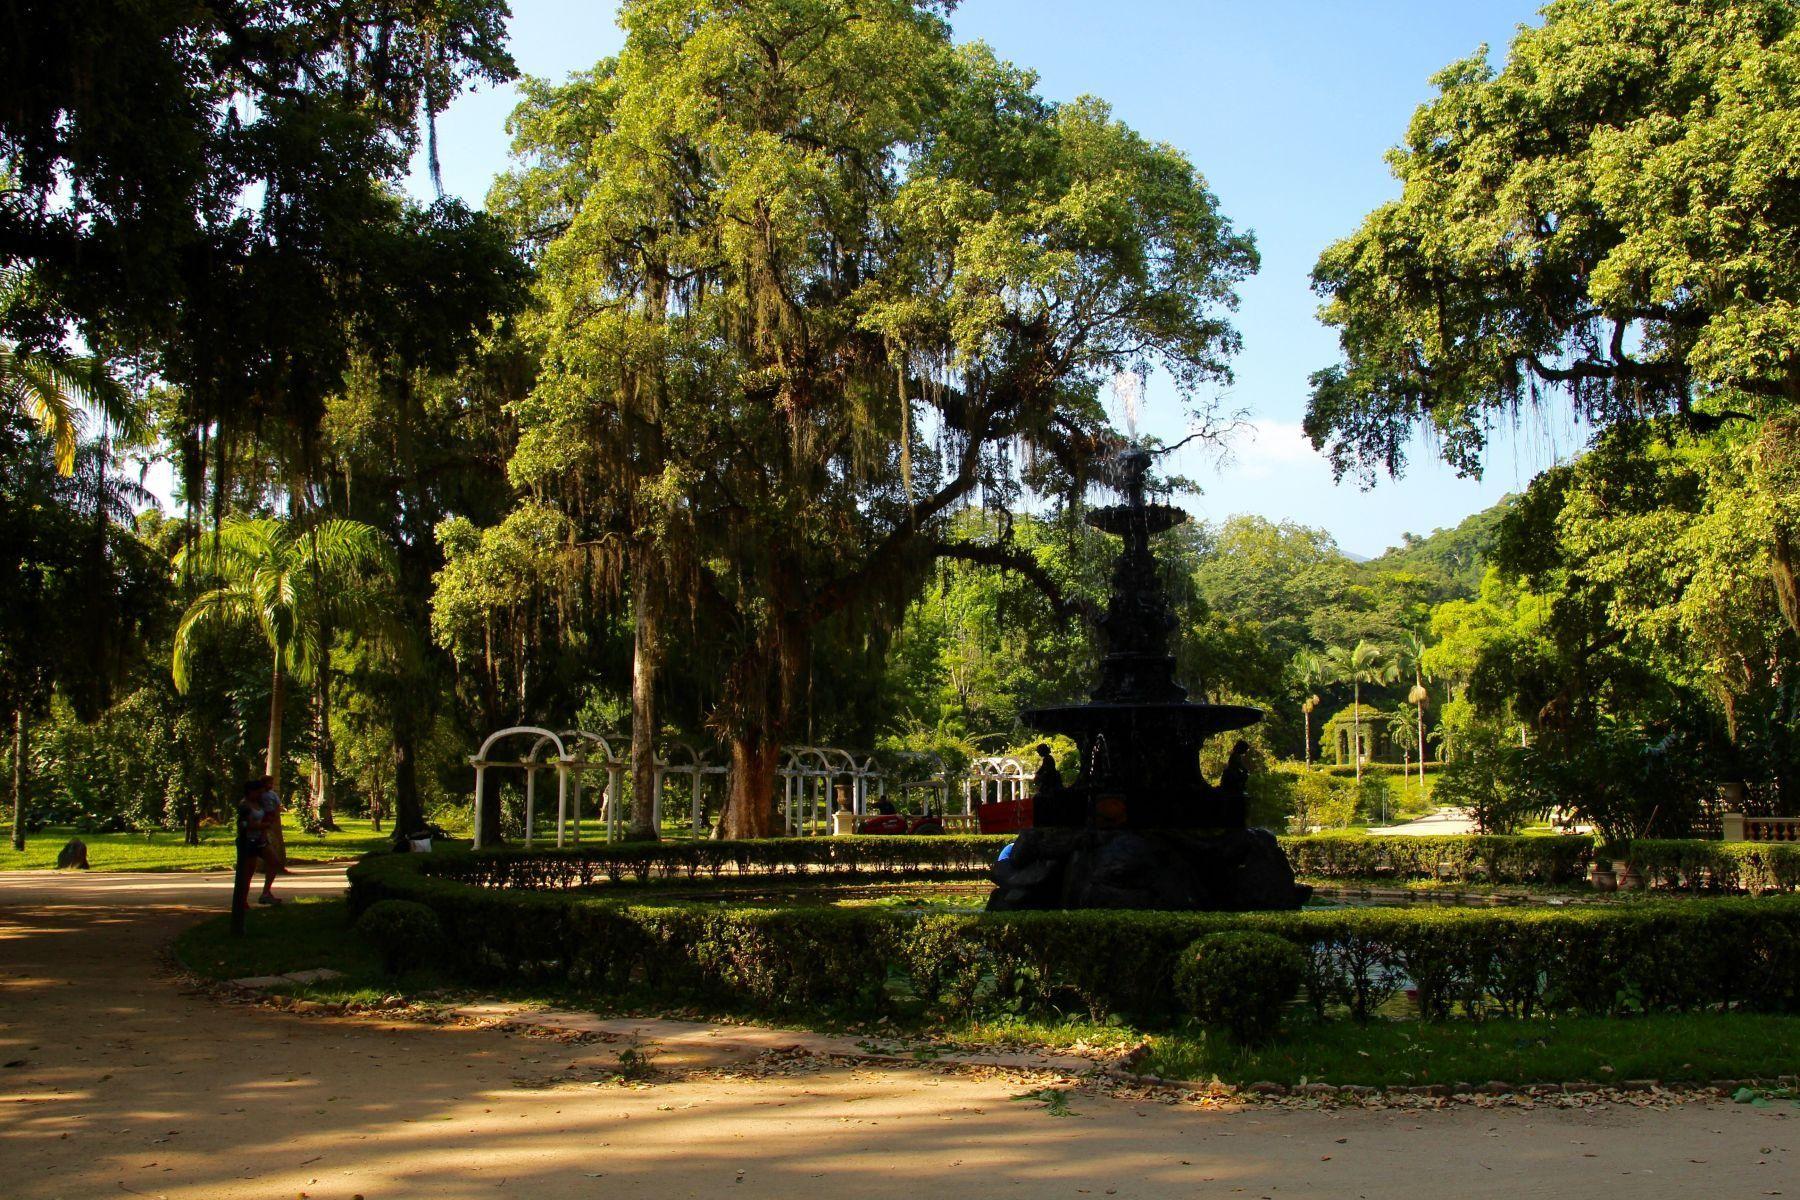 Jardim Botânico (Botanical Garden), Rio de Janeiro